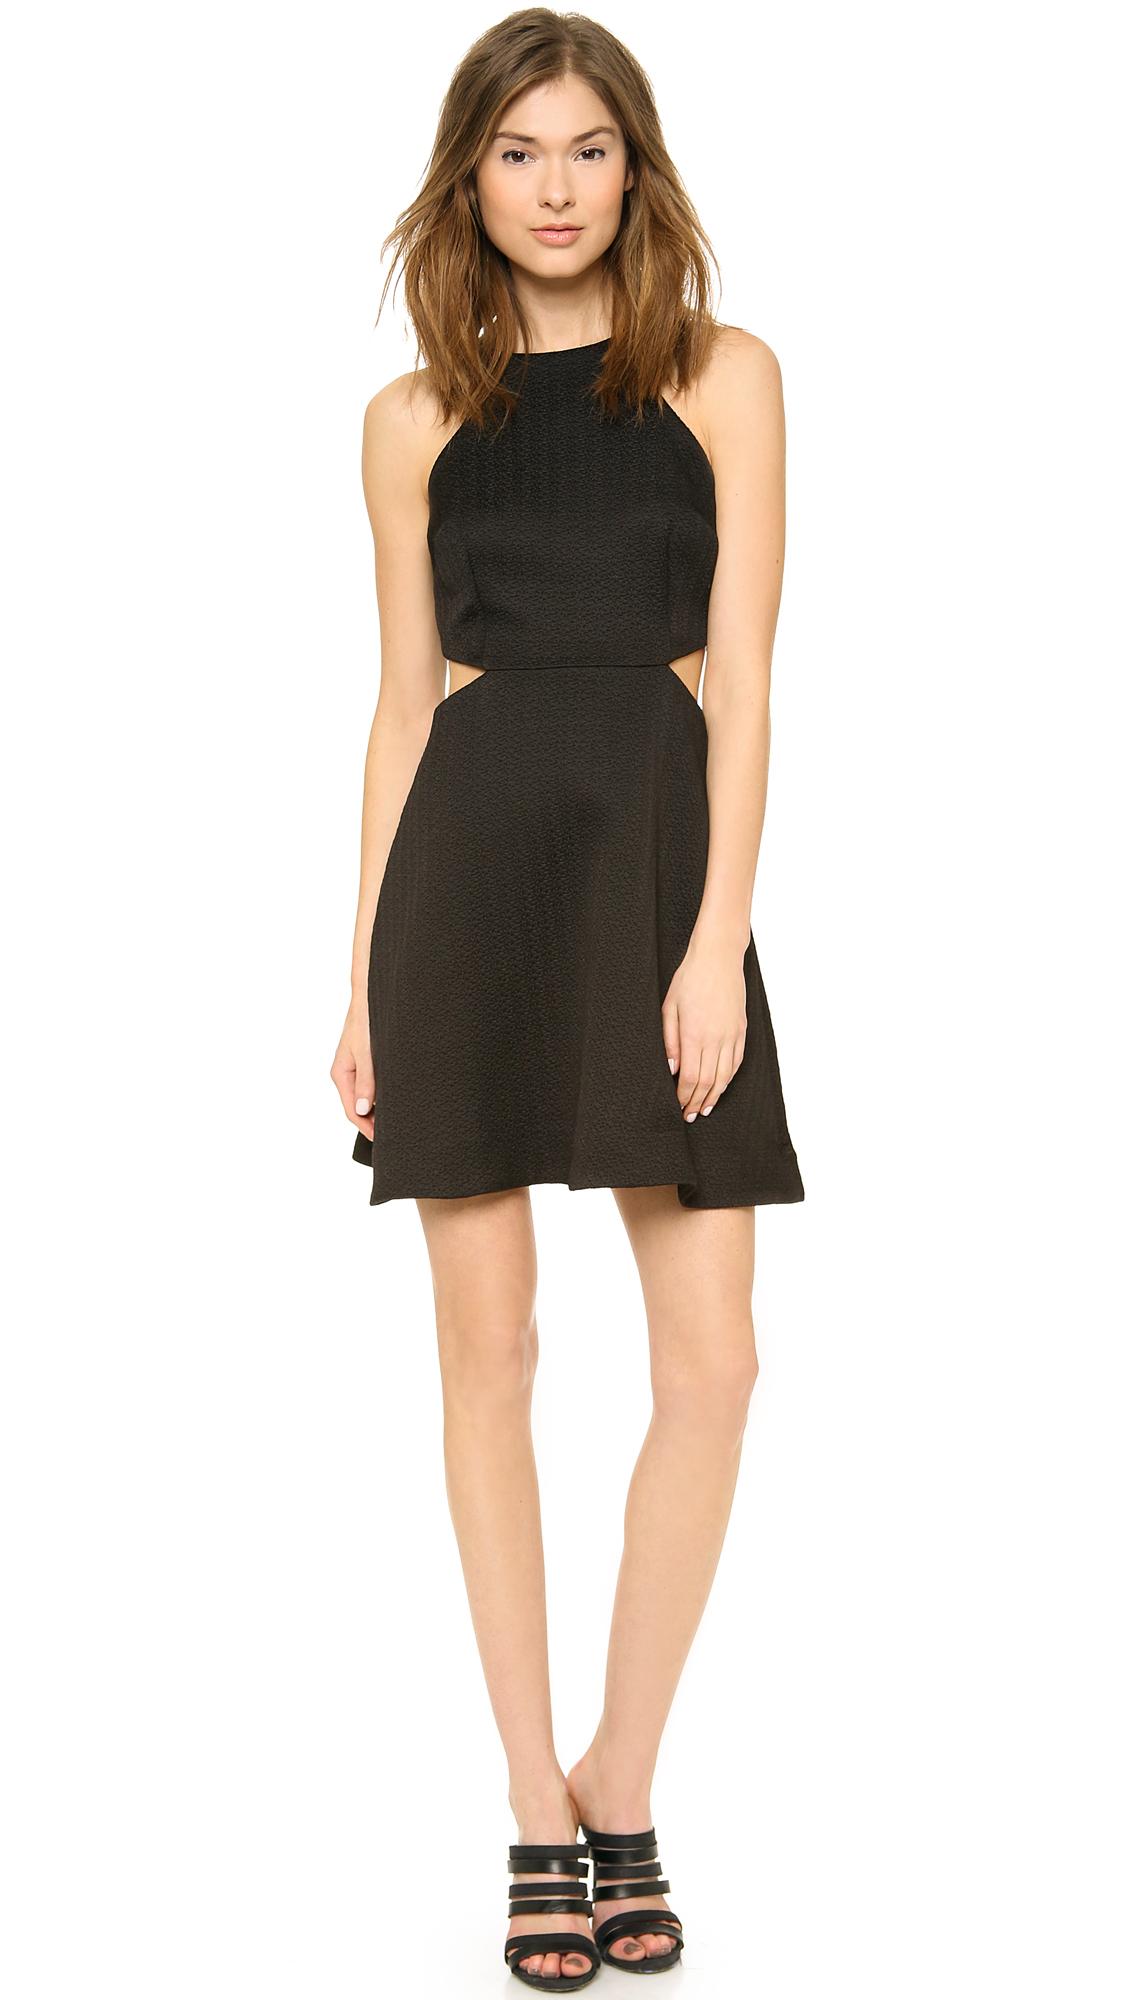 Club Monaco Black Cutout Dress